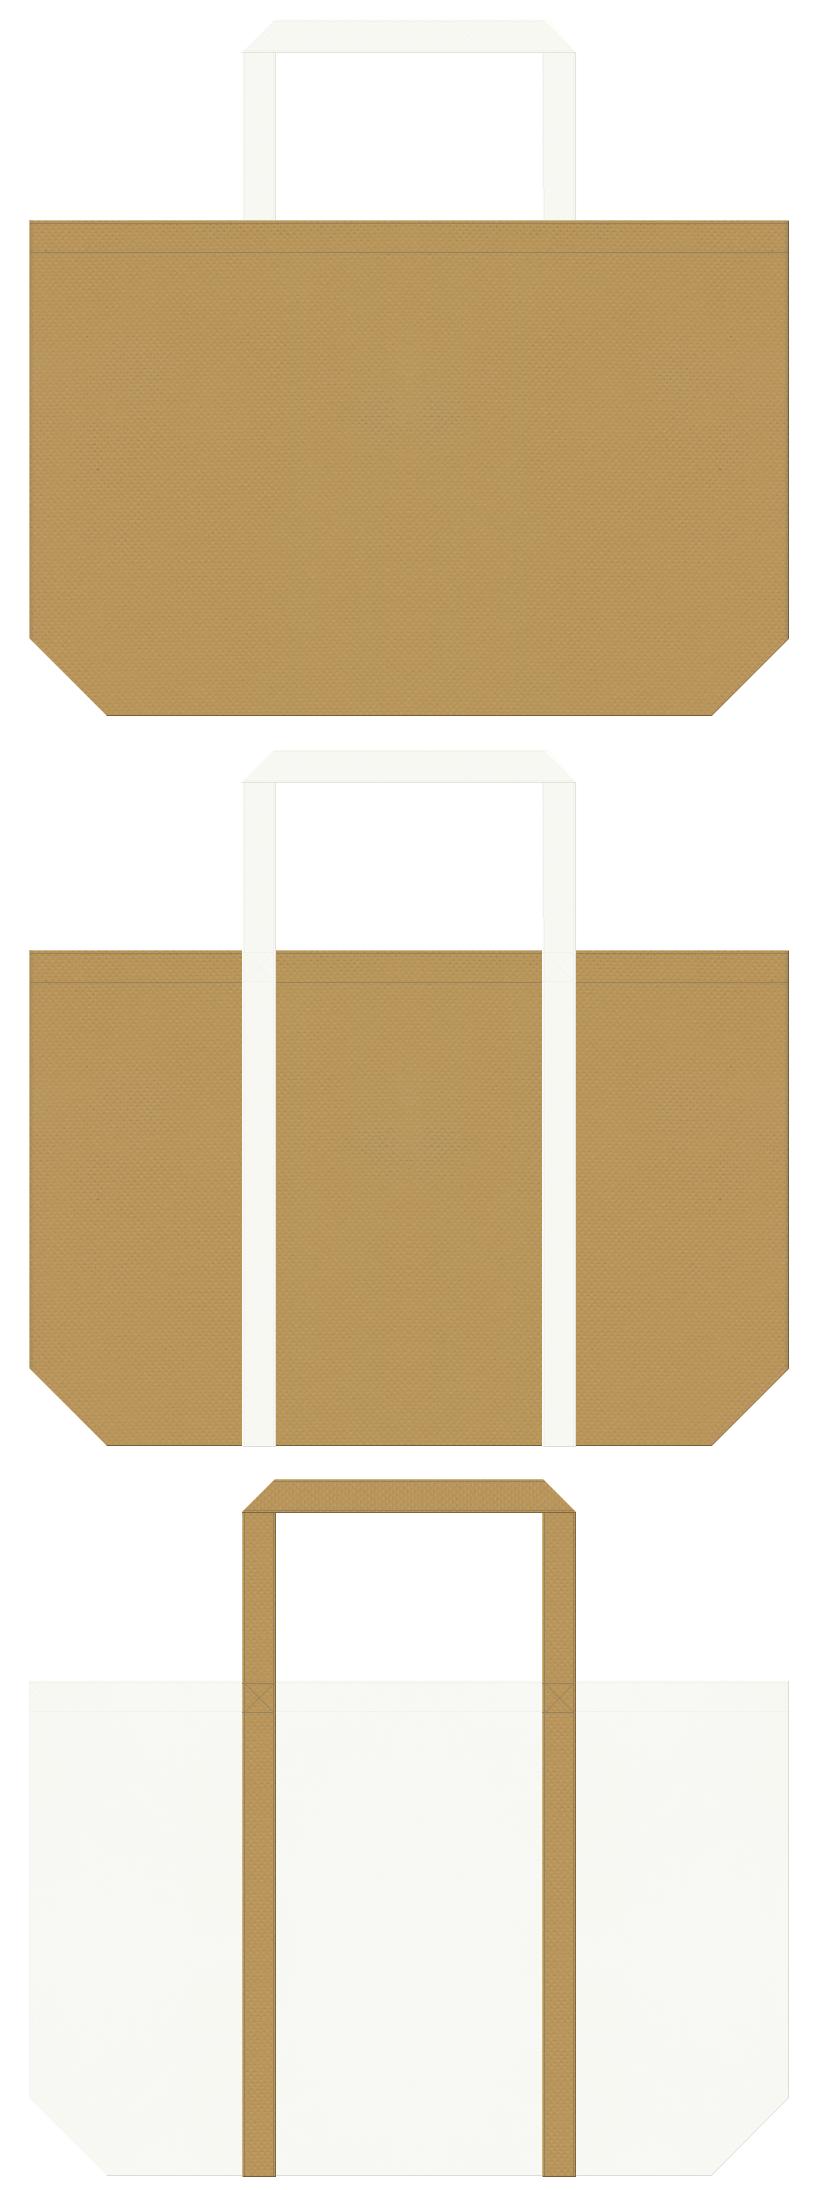 餃子・シューマイ・中華饅頭・うどん・ドッグフード・キャットフード・食のイベント・カフェオレ・コーヒーロール・スイーツのショッピングバッグにお奨めの不織布バッグデザイン:マスタード色とオフホワイト色のコーデ